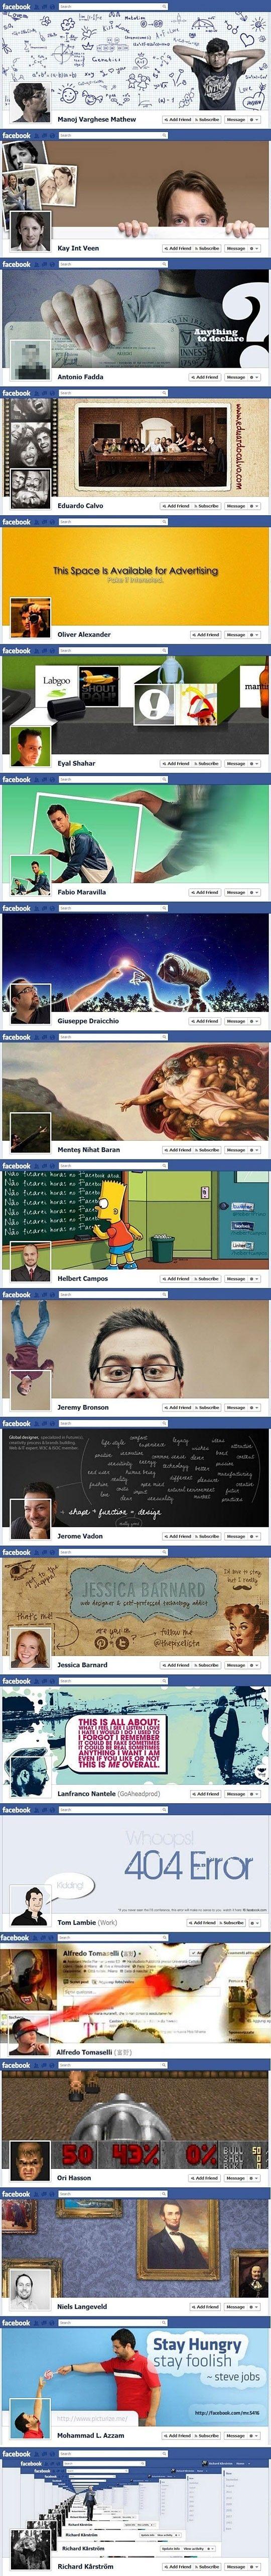 De bonnes idées pour l'intégration des photos de couverture et de profil sur la Timeline de Facebook| #facebook #design